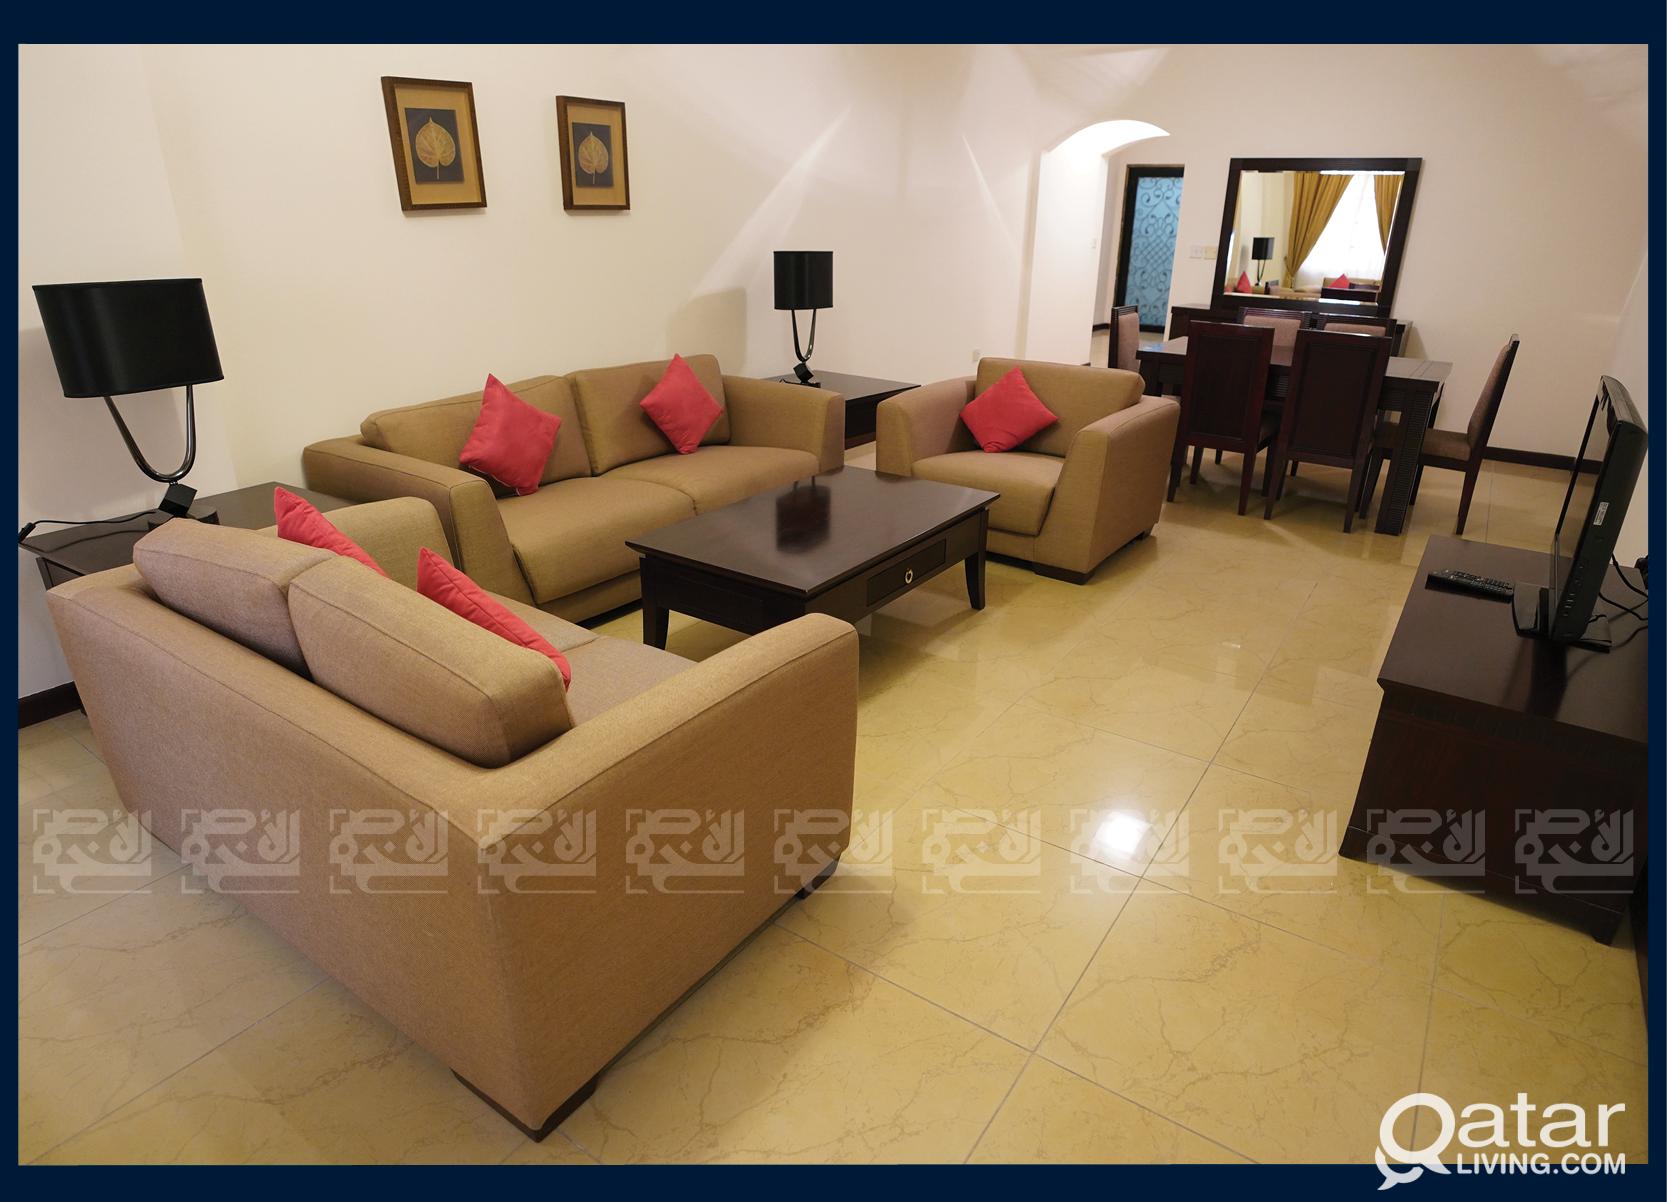 Furnished 2-Bedroom Apt for rent, Al Sadd